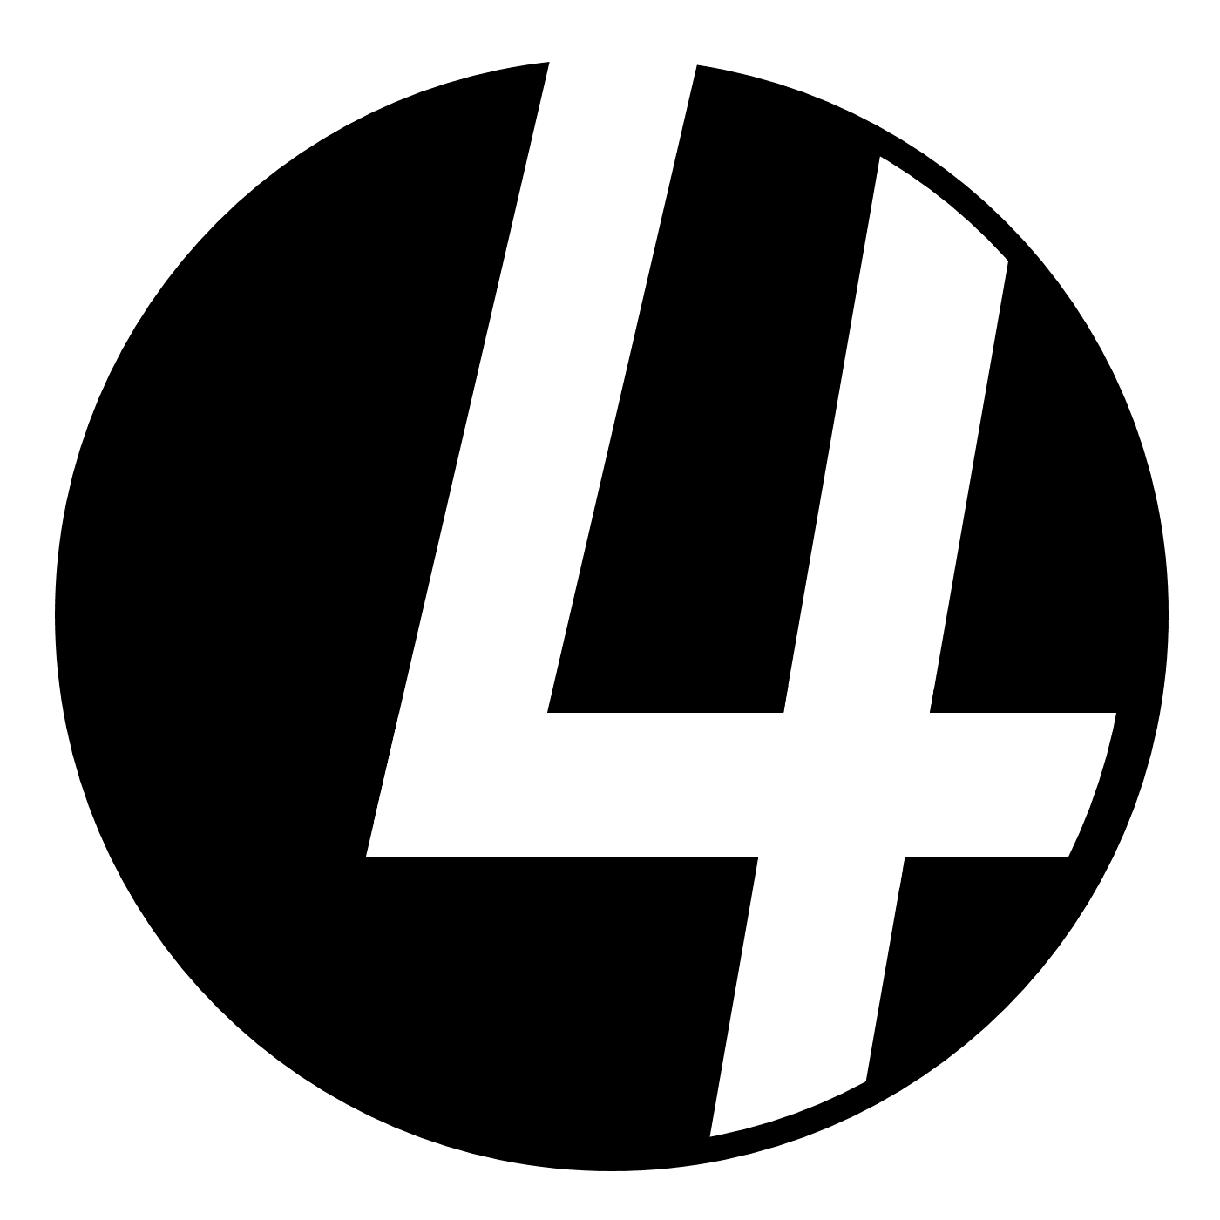 アーティストロゴ/企業ロゴ・アイコン制作します 著作権フリーのオリジナルロゴ・アイコンが欲しい方へ!